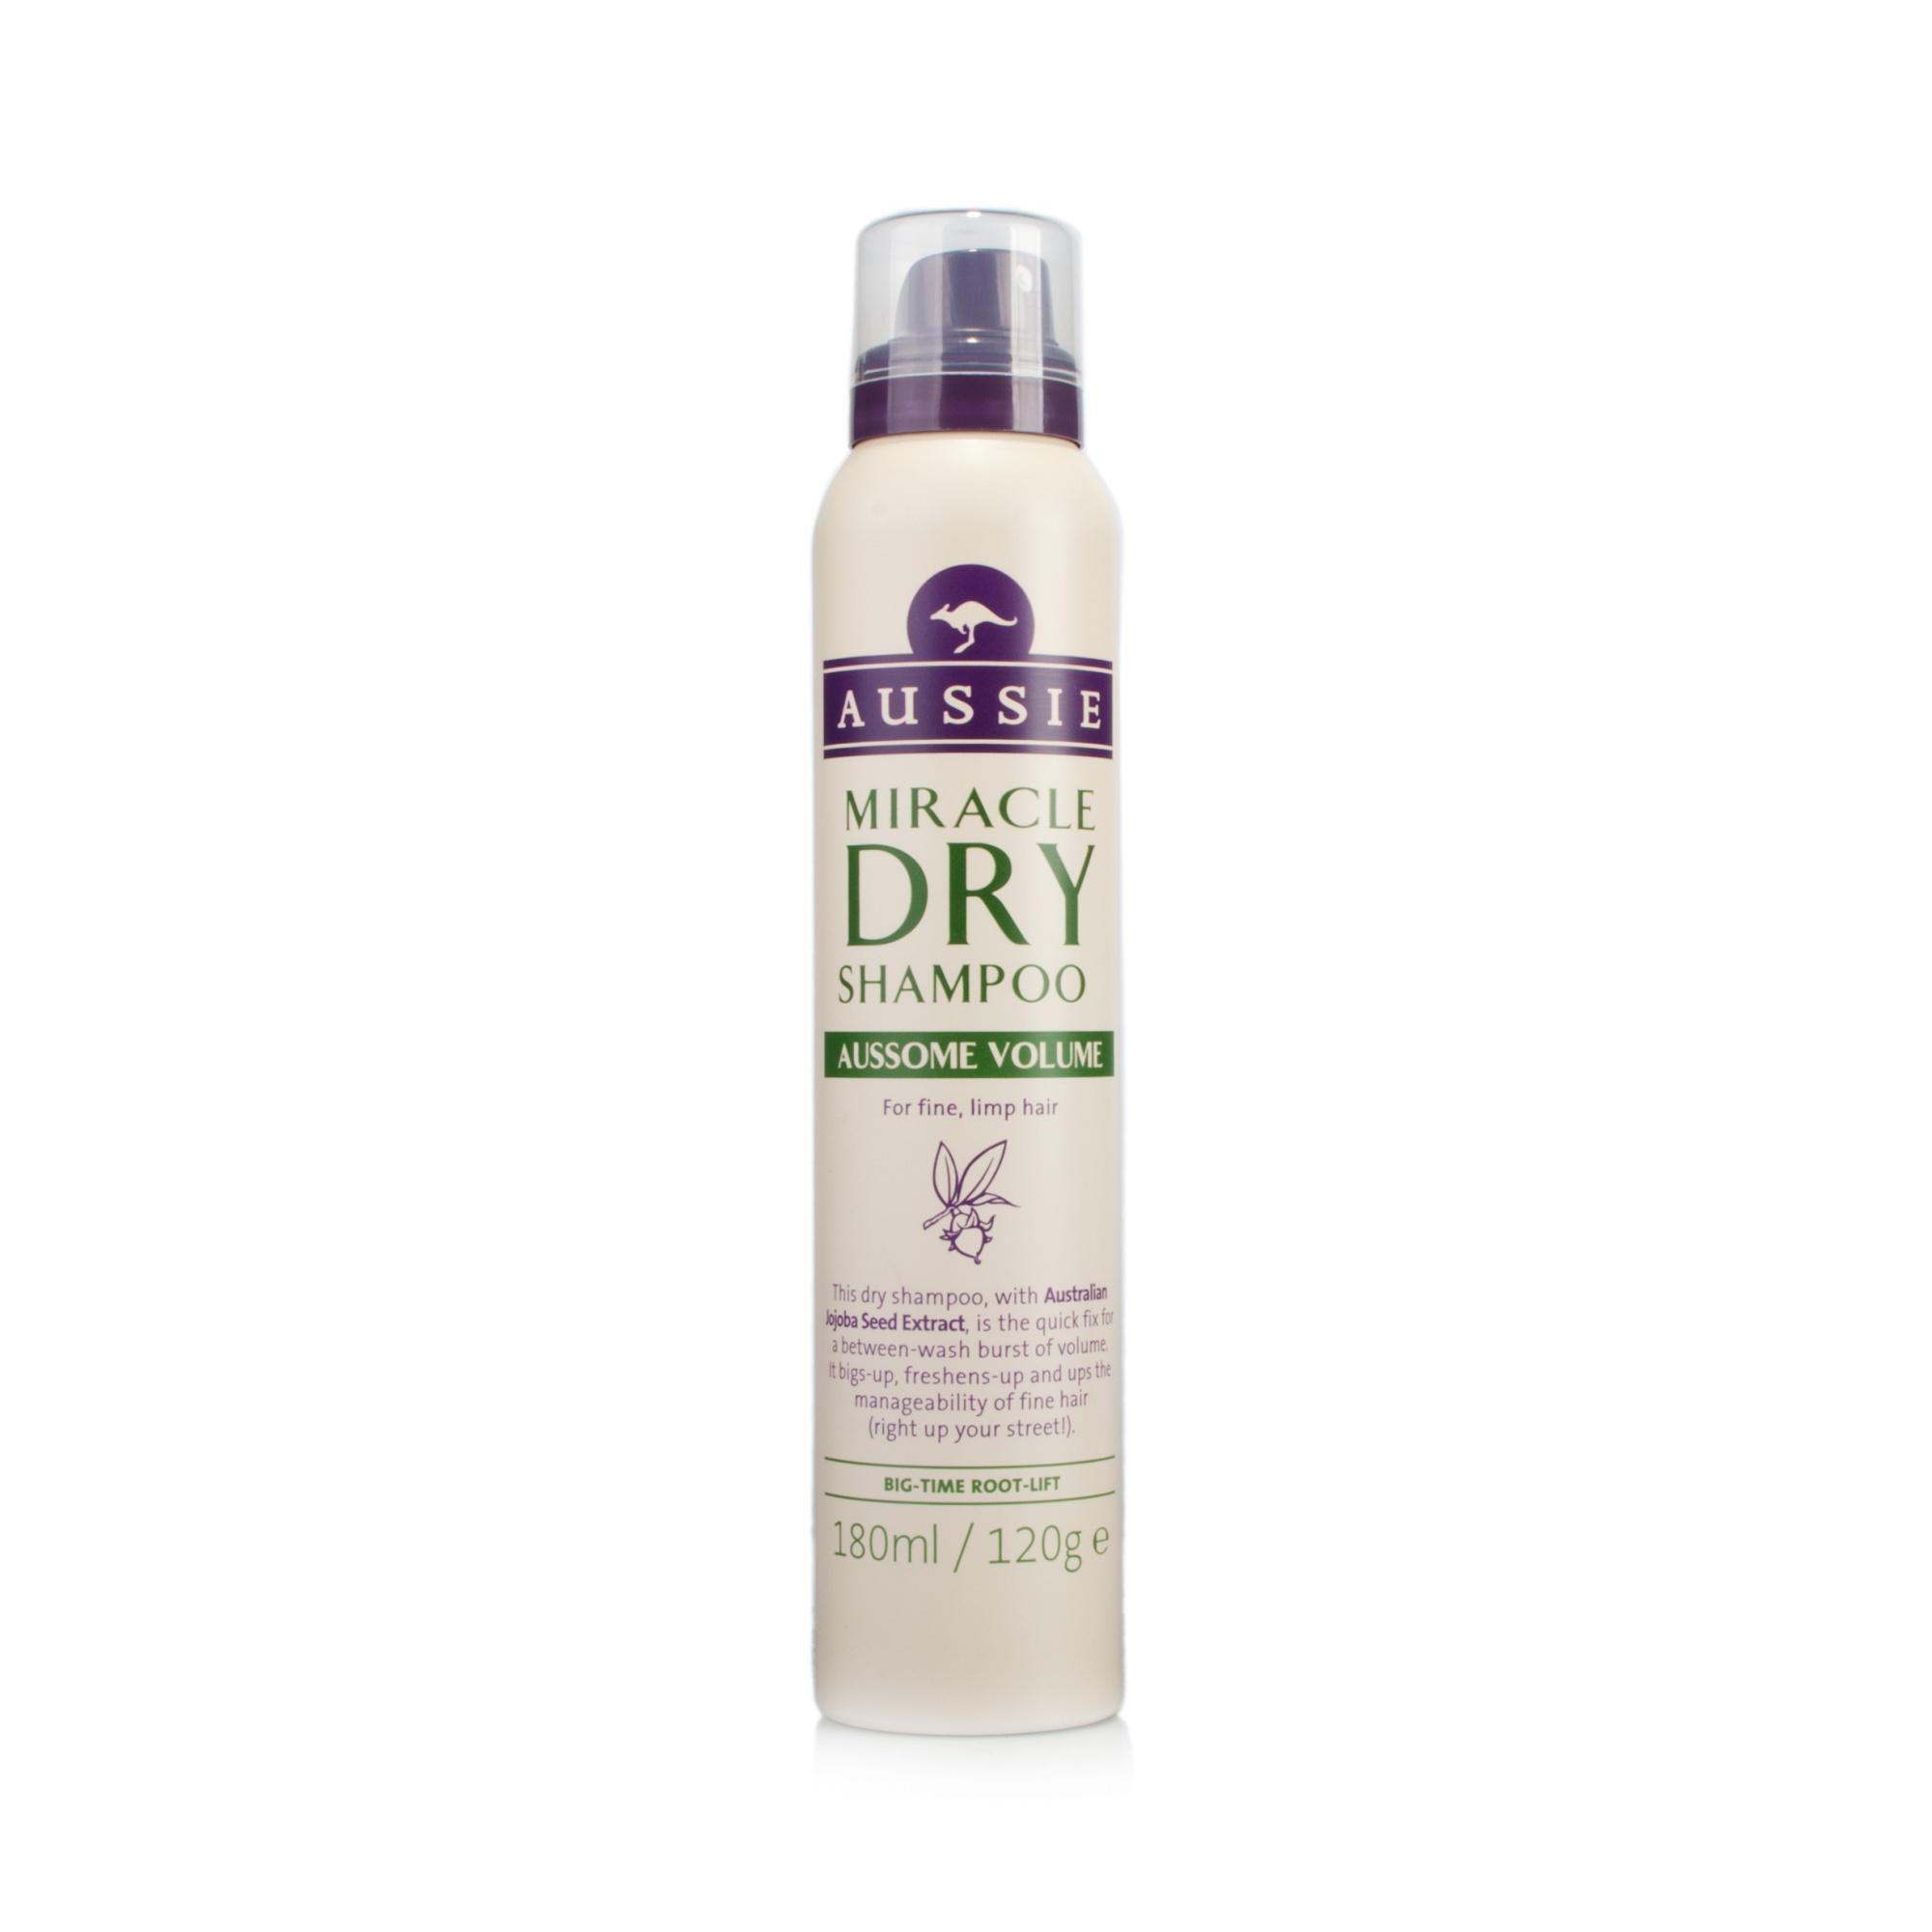 Aussie Dry Shampoo Aussome Volume   eBay